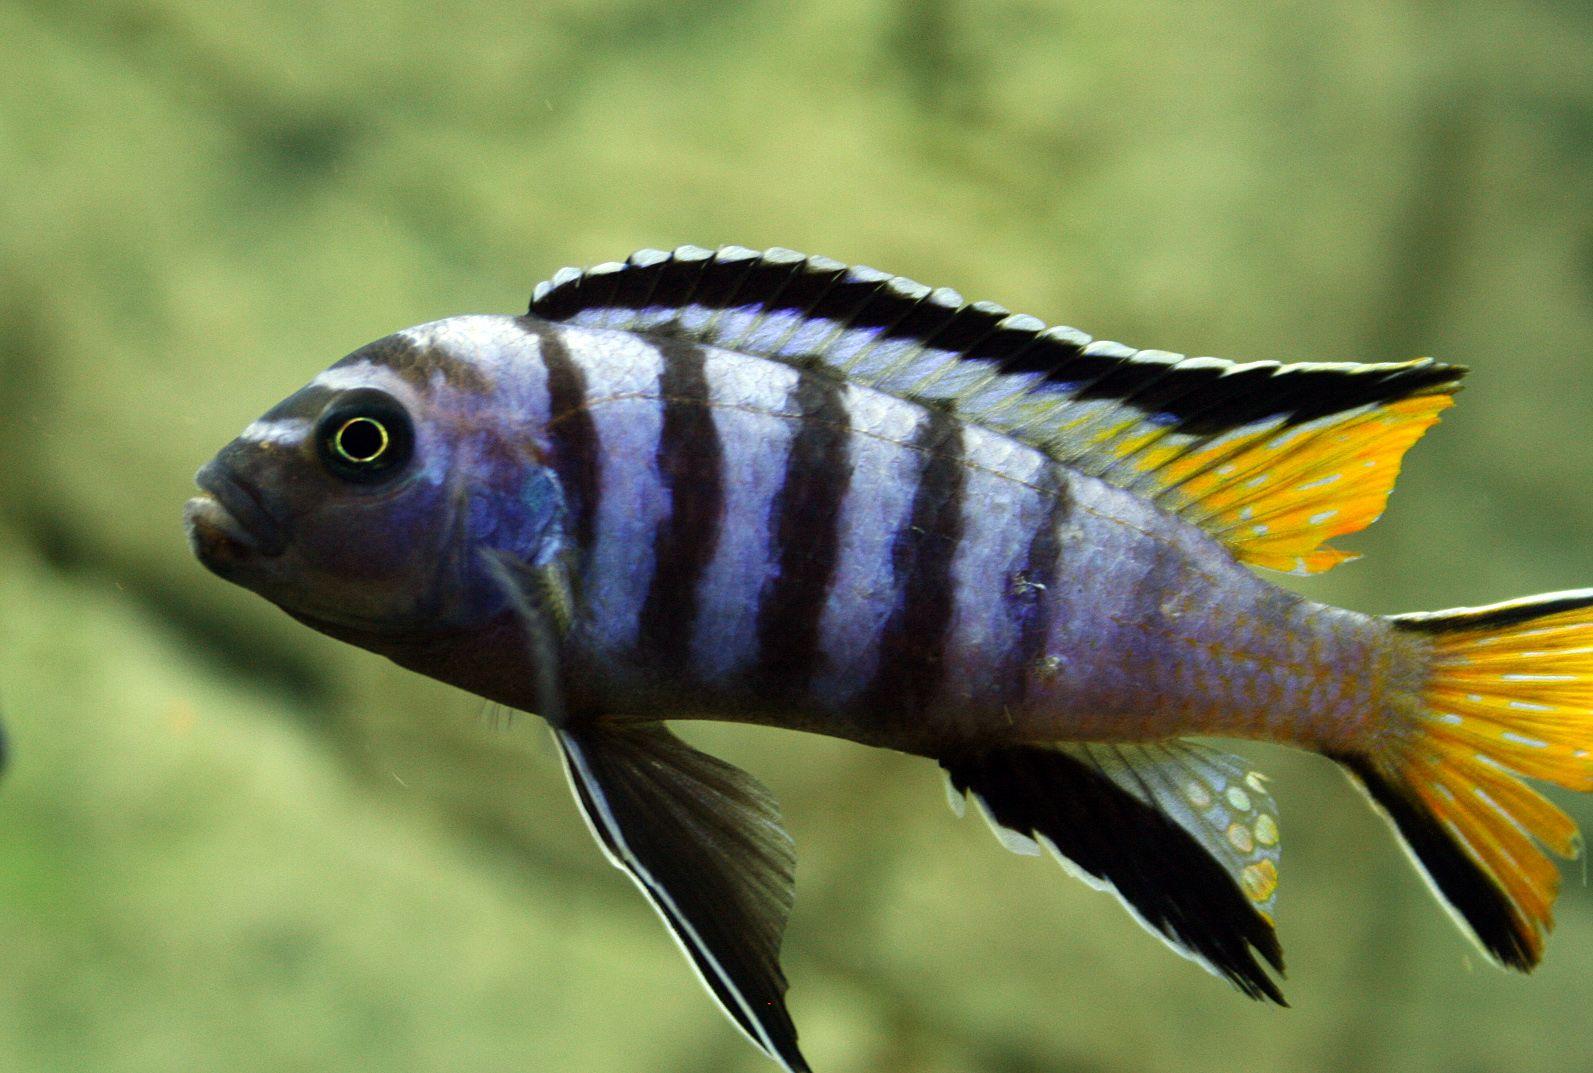 Pseudotropheus-elongatus-Chewere | African Cichlids ...